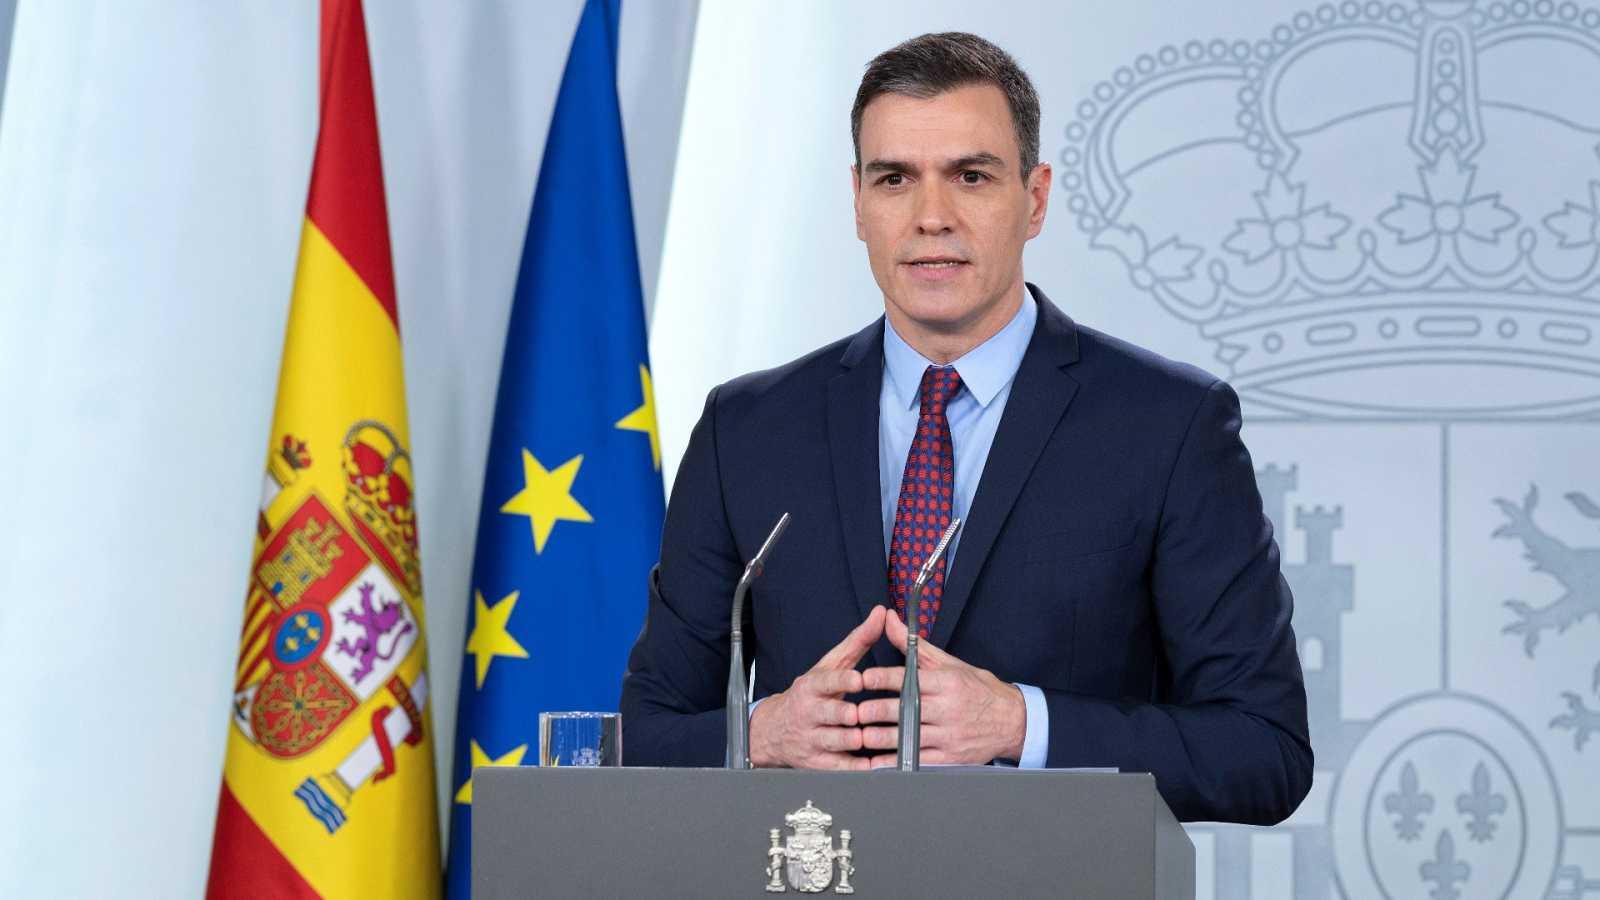 Especial Informativo - Rueda de prensa del presidente del Gobierno ...